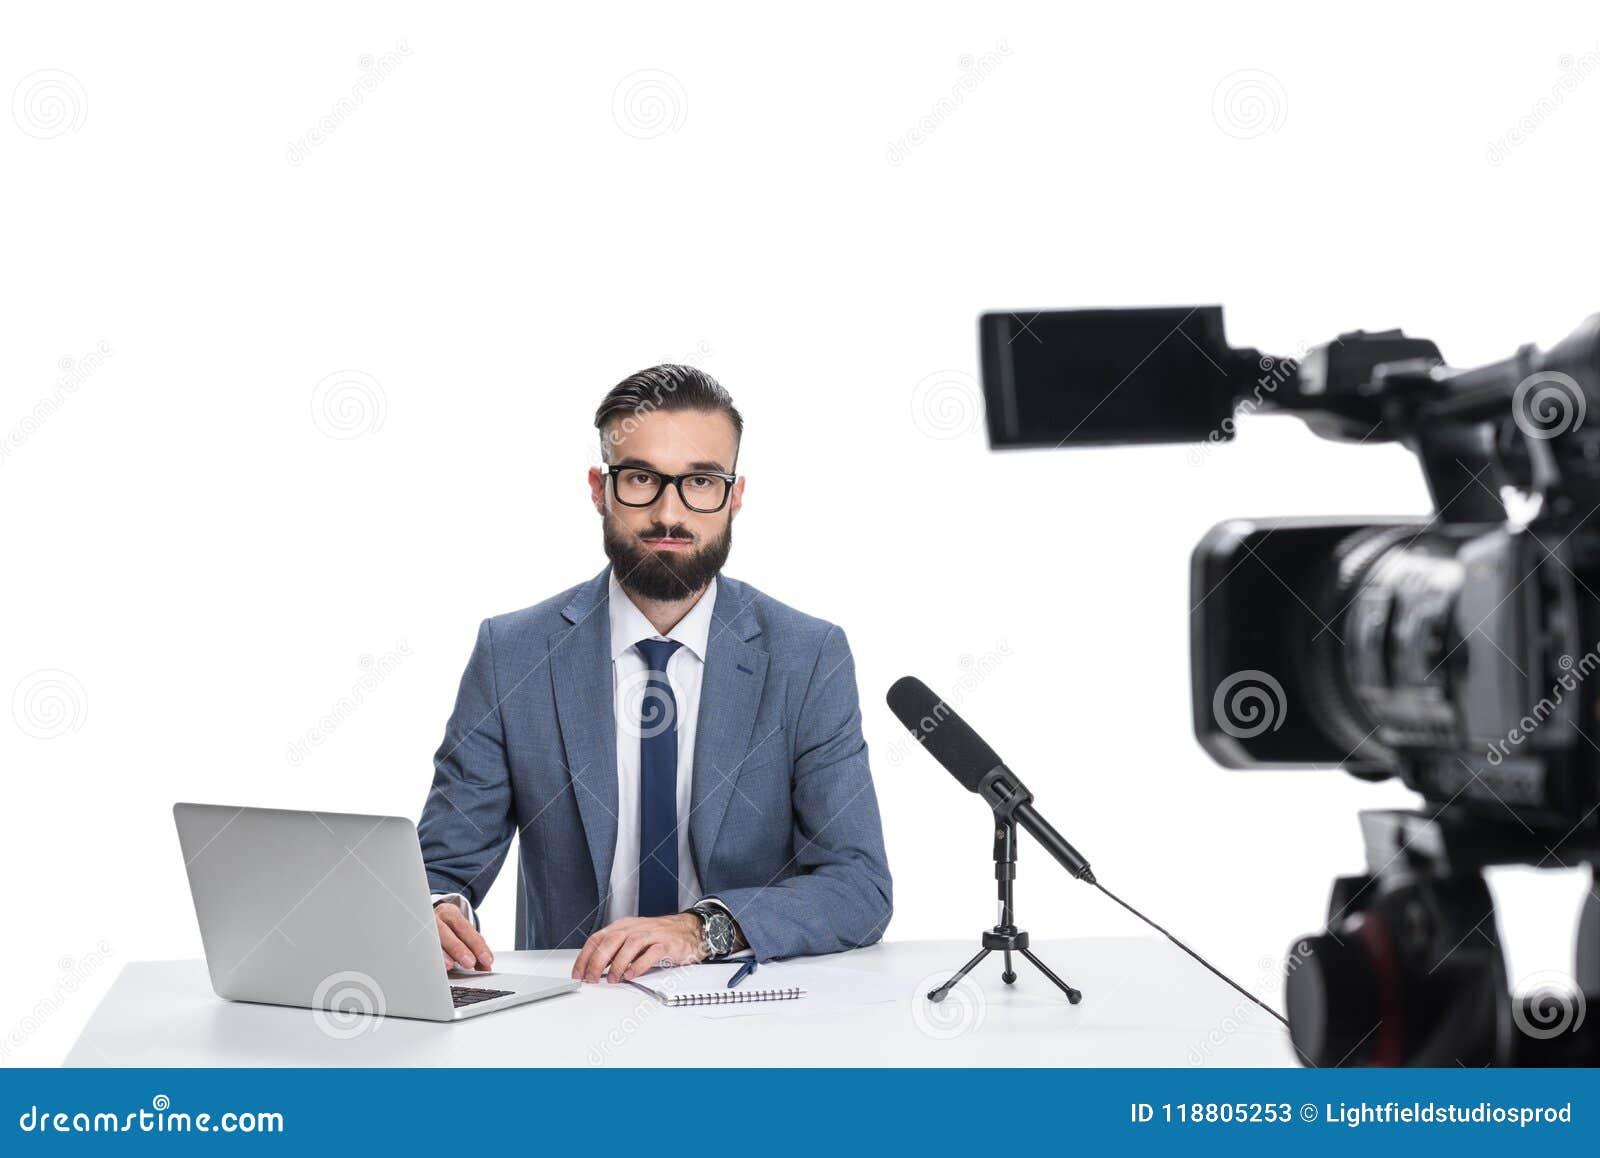 坐在与膝上型计算机、笔记薄和话筒的桌上和看照相机的男性新闻广播员,